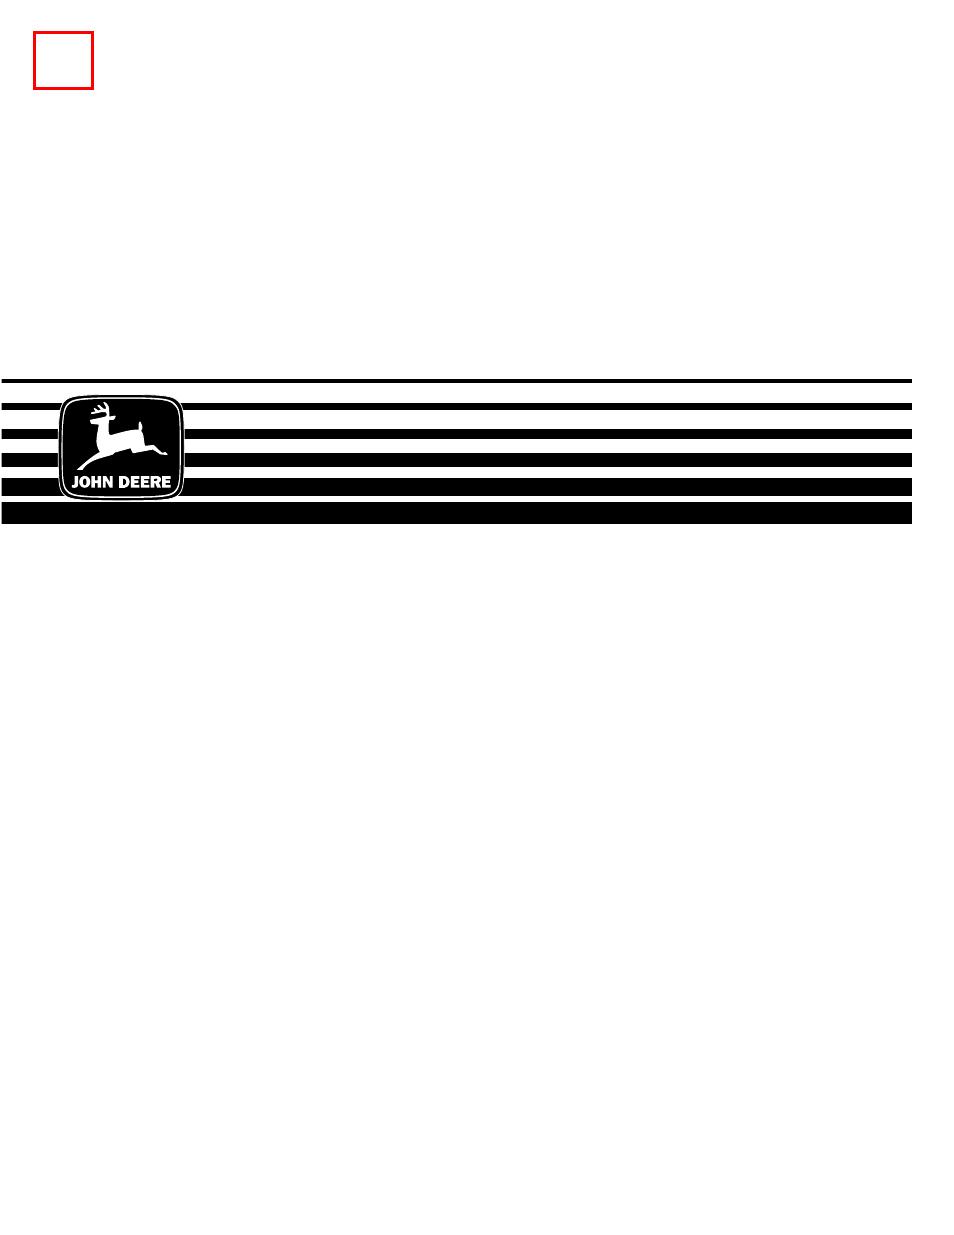 John Deere 5403 Wiring Diagrams Diagram – La145 Wiring Diagram